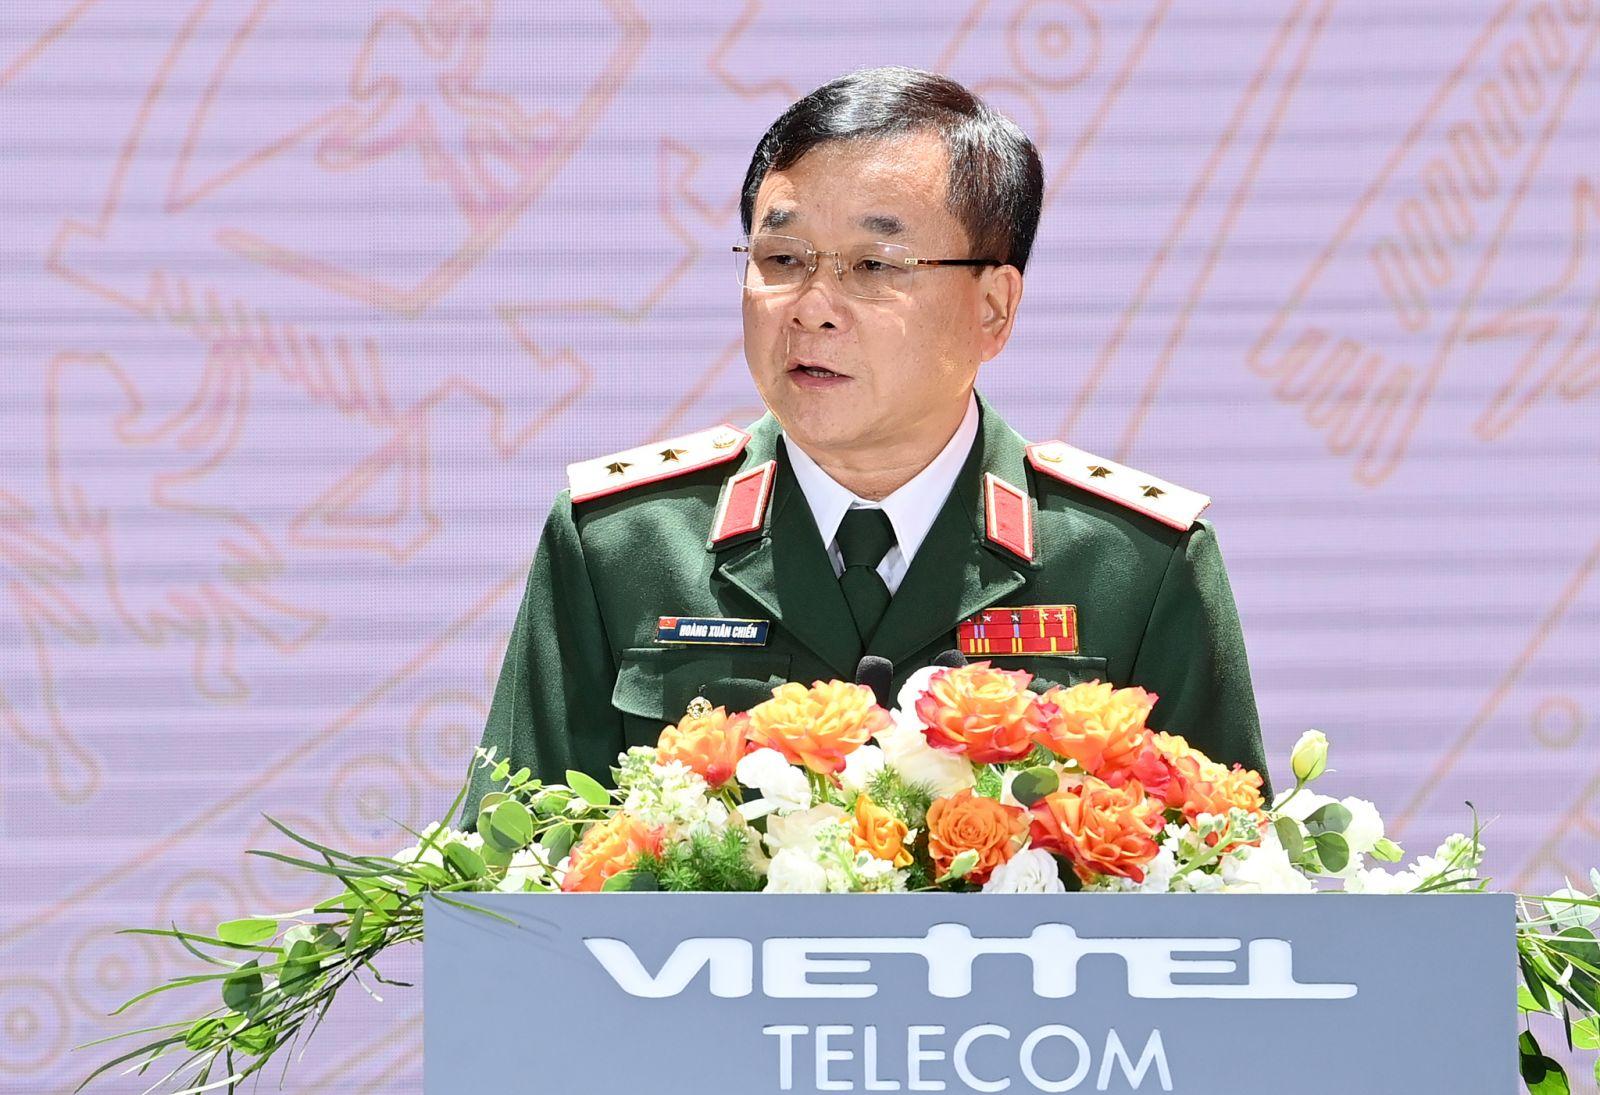 Trung tướng Hoàng Xuân Chiến - Ủy viên Trung ương Đảng, Ủy viên Quân ủy Trung ương, Thứ trưởng Bộ Quốc phòng phát biểu tại Lễ kỷ niệm.